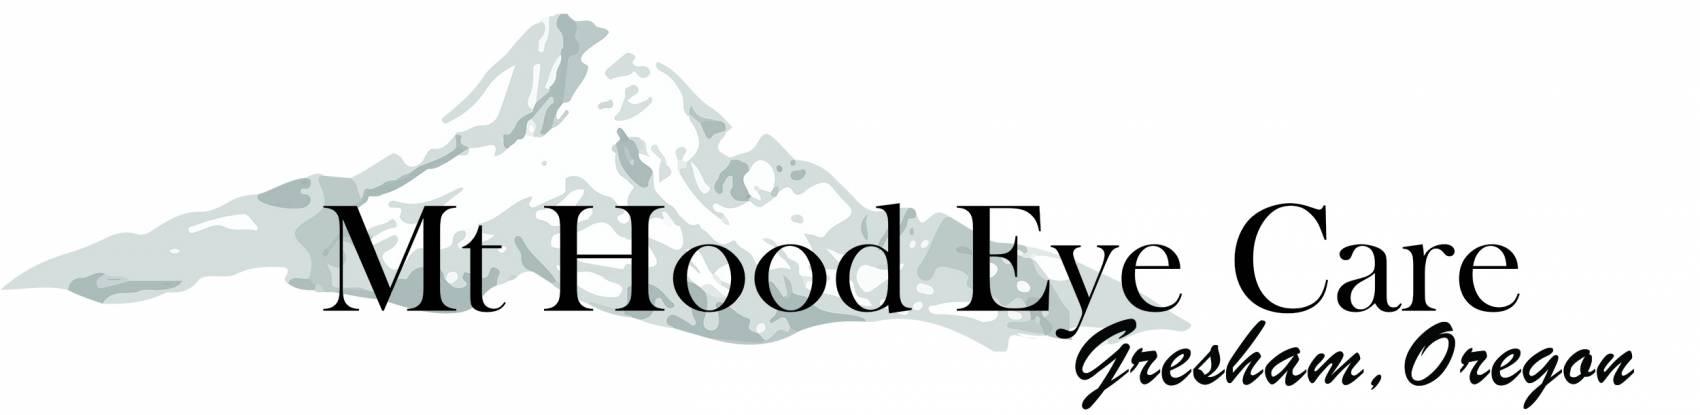 MtHoodEyeCare-Layered-Gresham-2500v3-e1629737248575